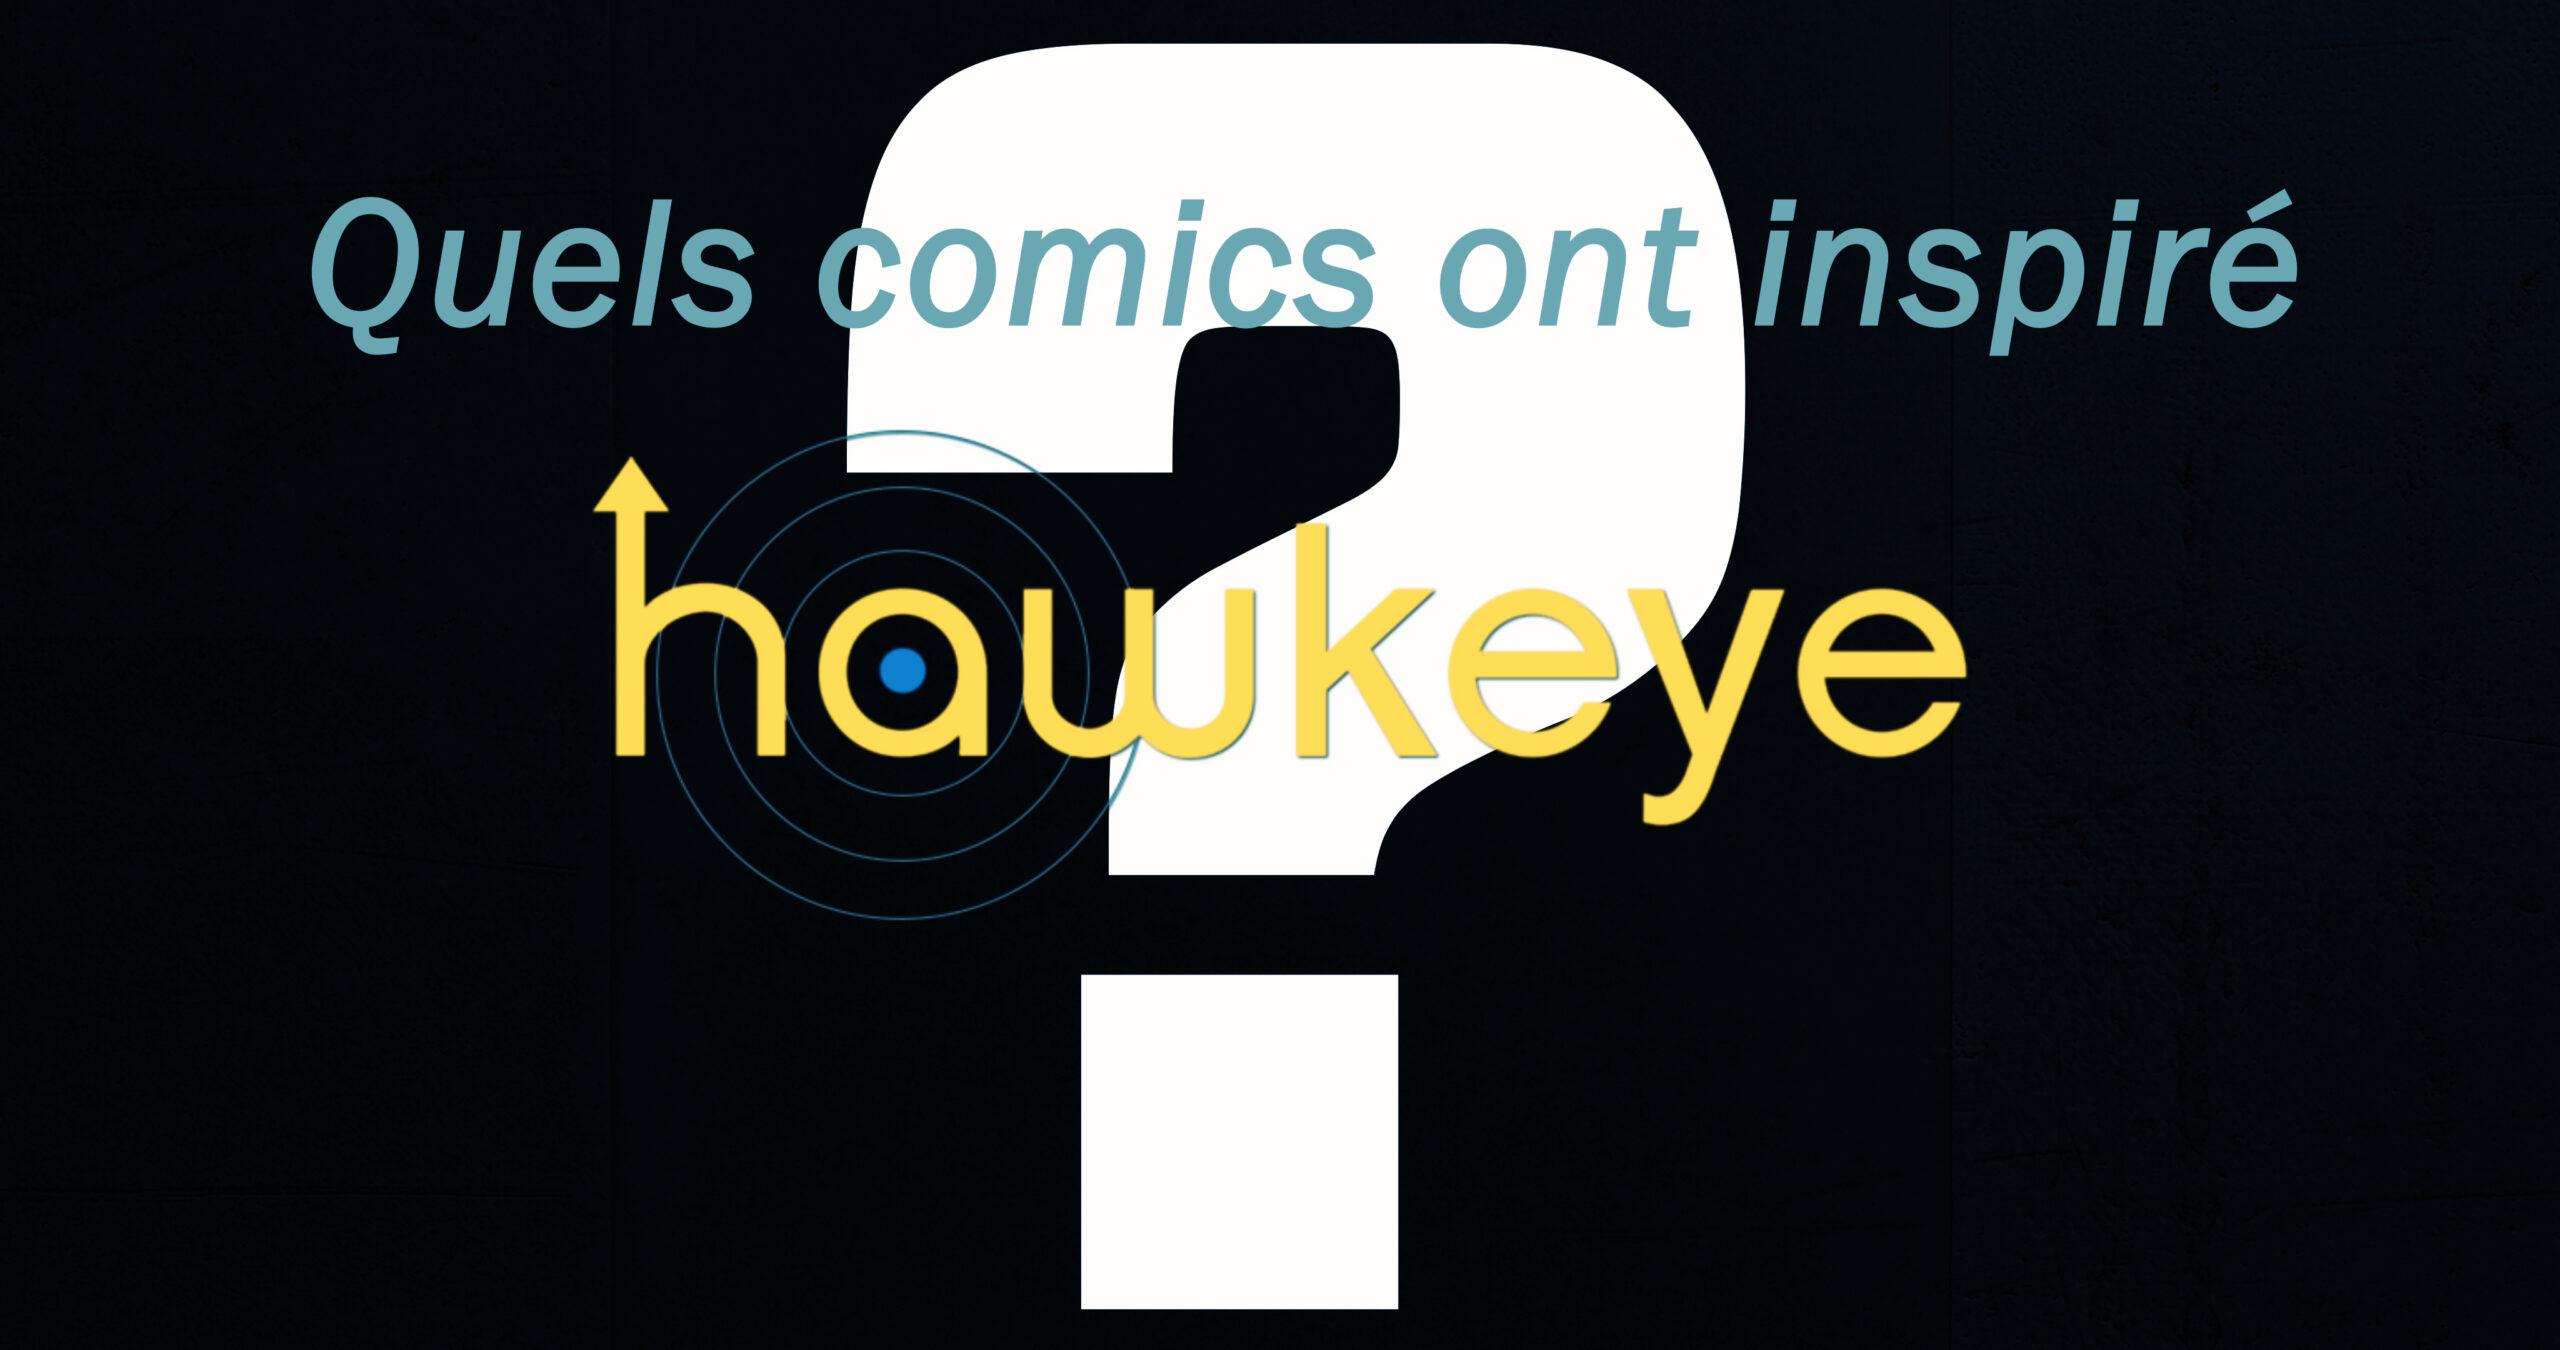 """Quels comics ont inspiré """"Hawkeye"""" ?"""